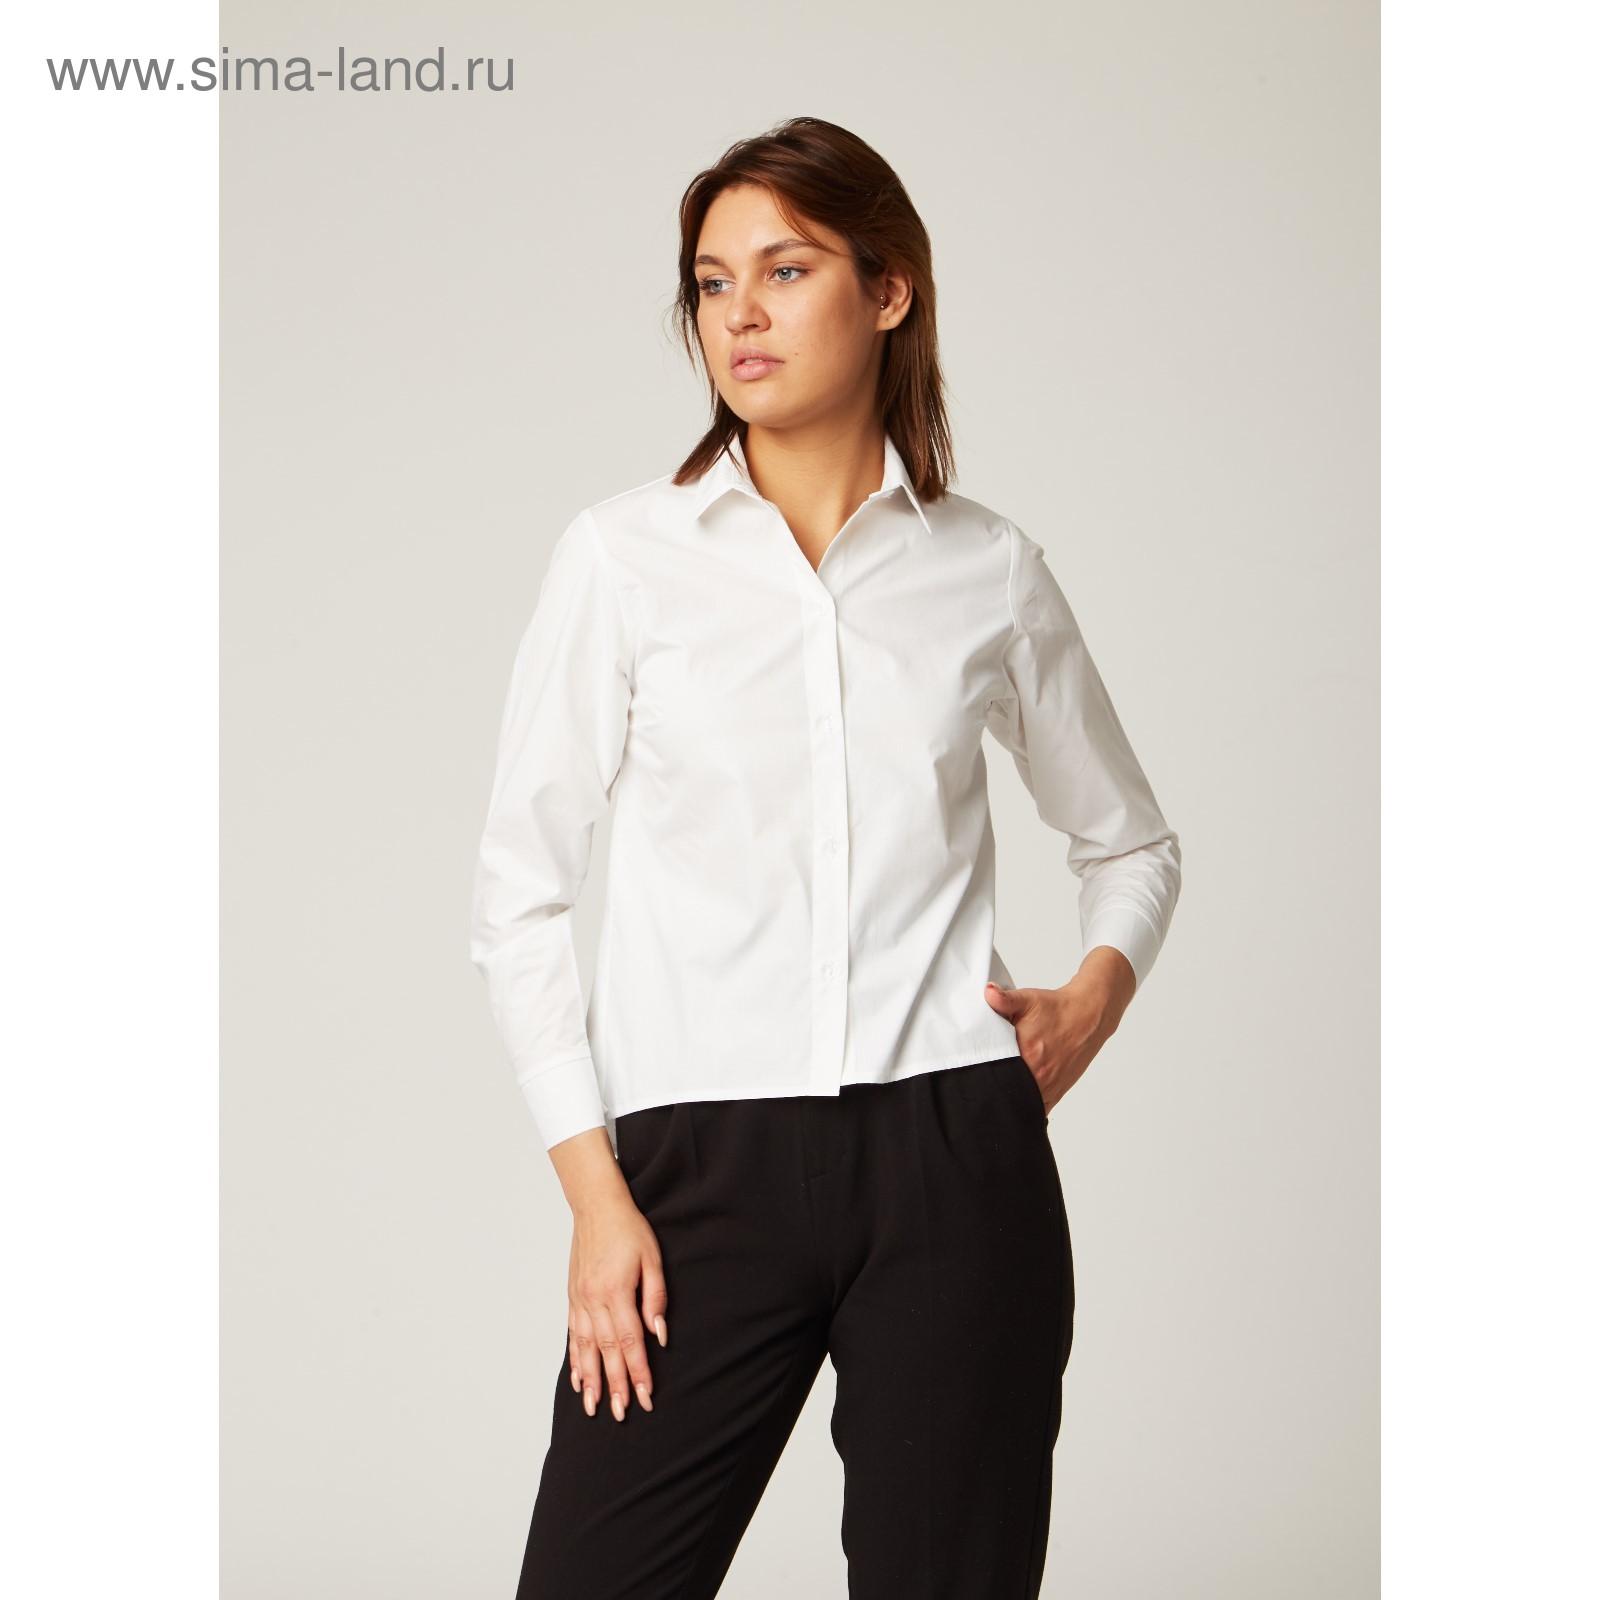 e731871b0ad9 Рубашка женская трапеция, размер 40-42, белый, хлопок 100% (1821905 ...